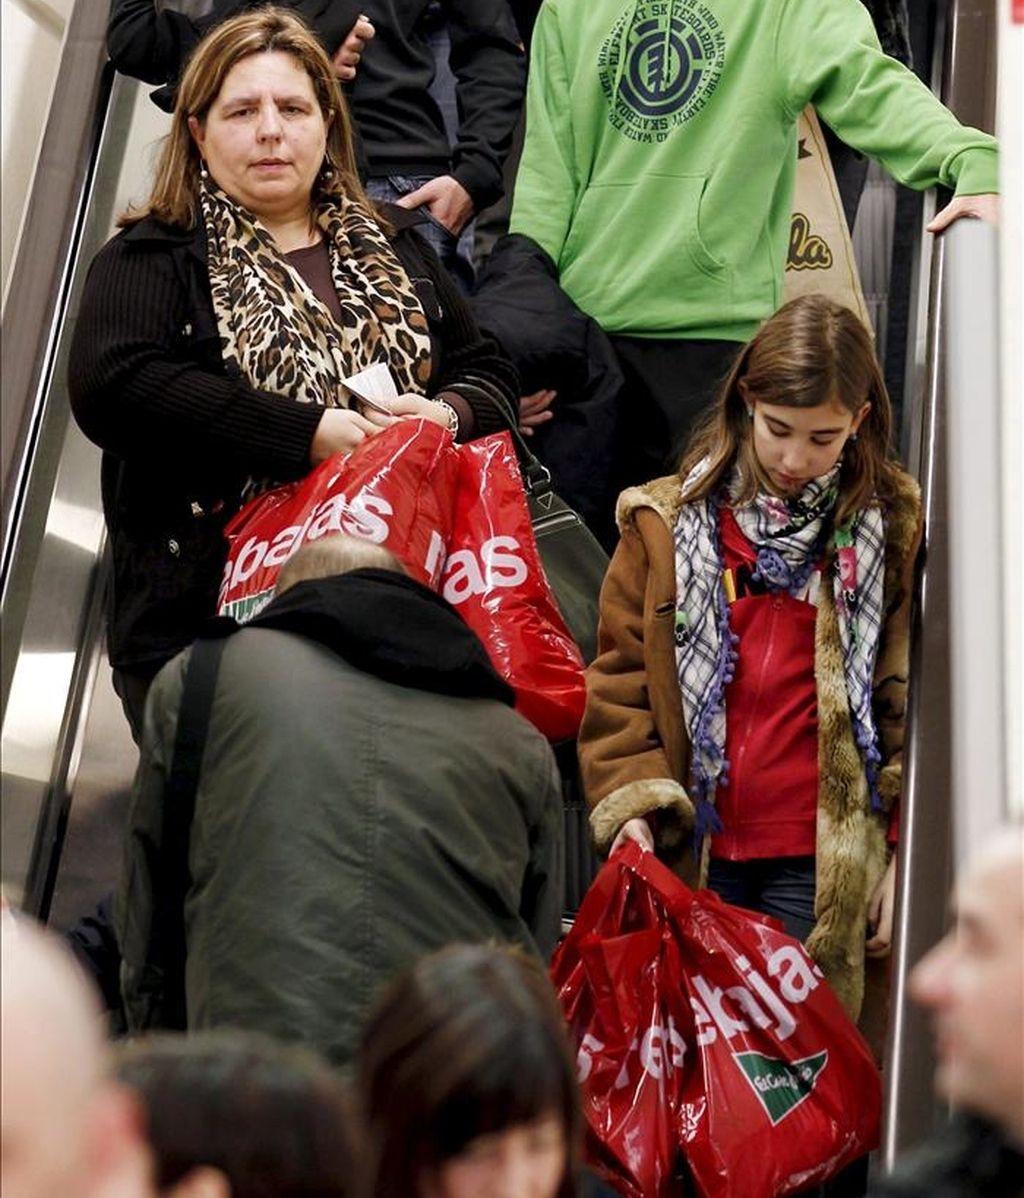 Un grupo de personas descienden con sus compras por una escalera mecánica de una superficie comercial. EFE/Archivo